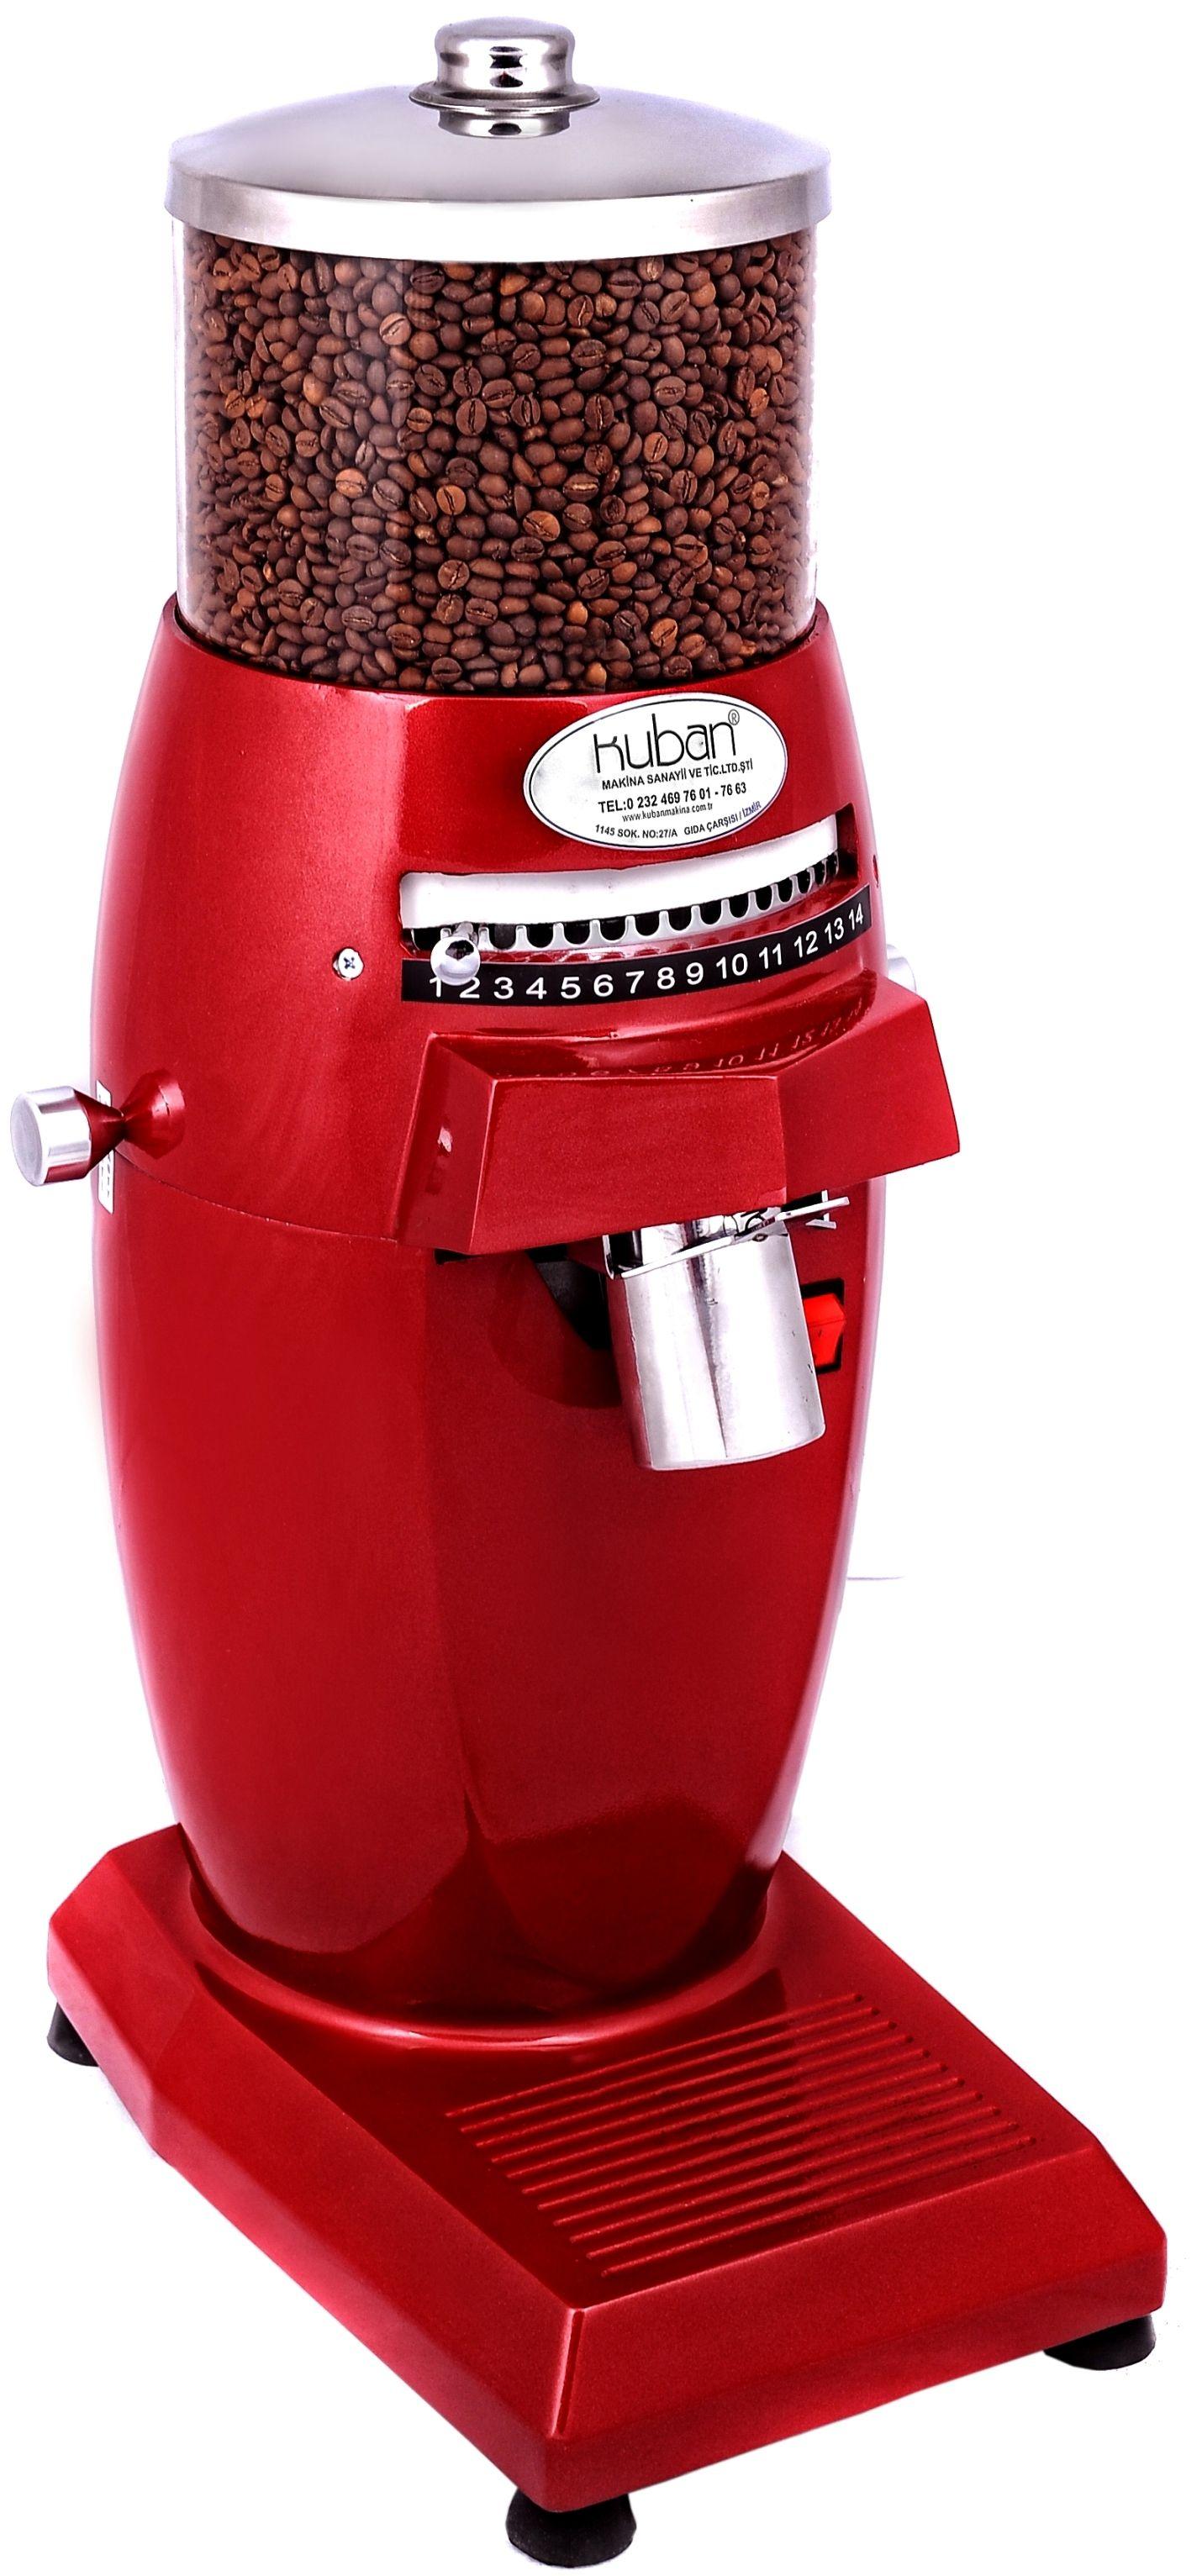 Coffee Grinder, Coffee Bean Grinder, Industrial Coffee